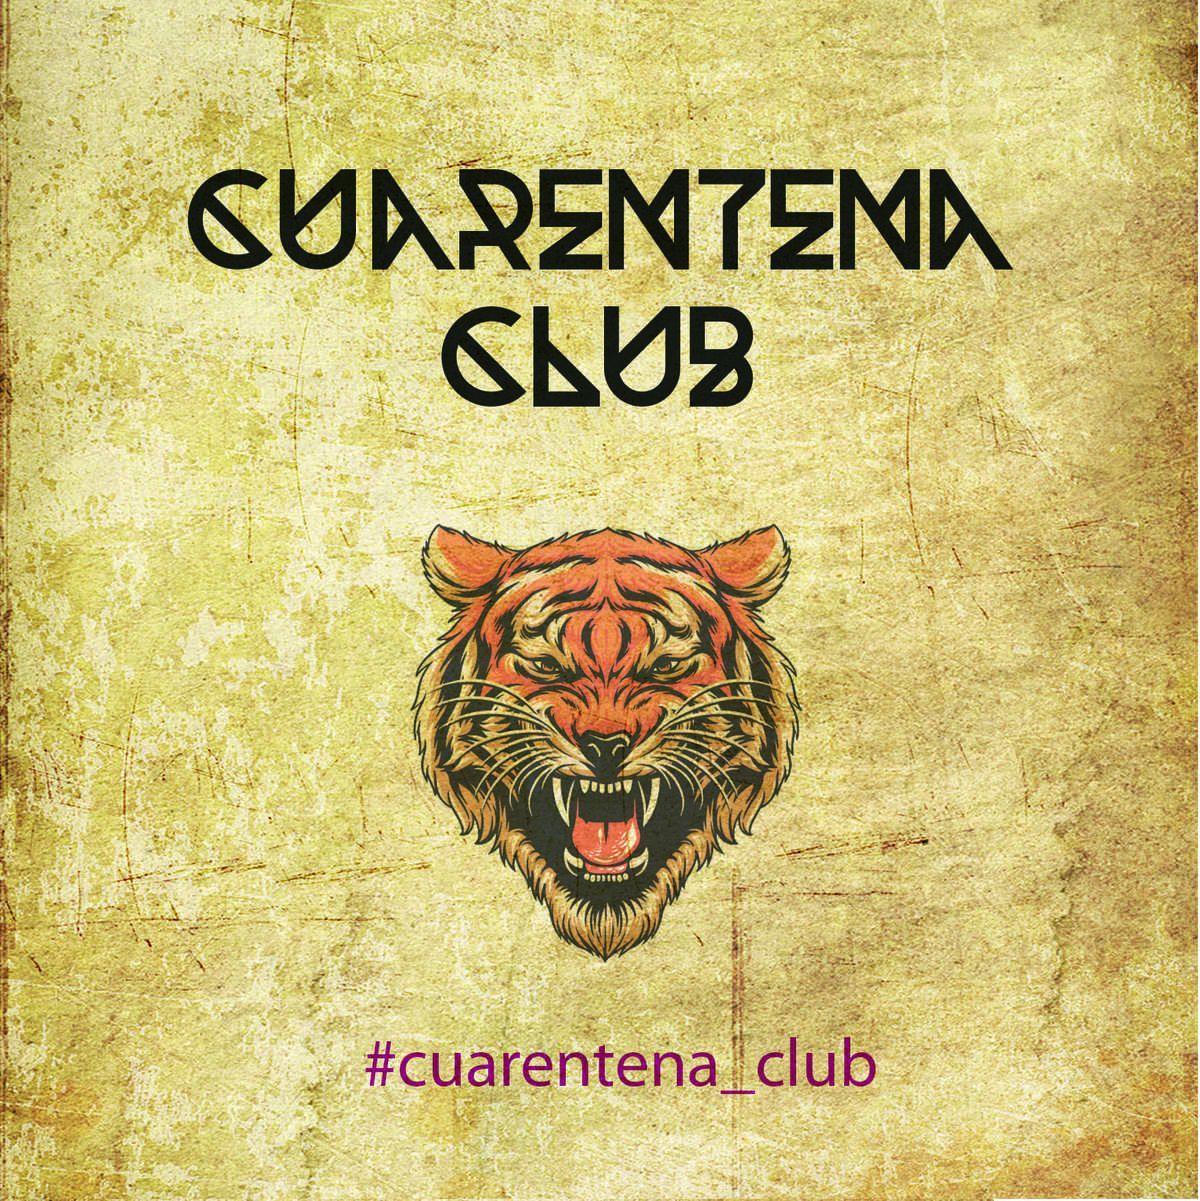 Cuarentena_club